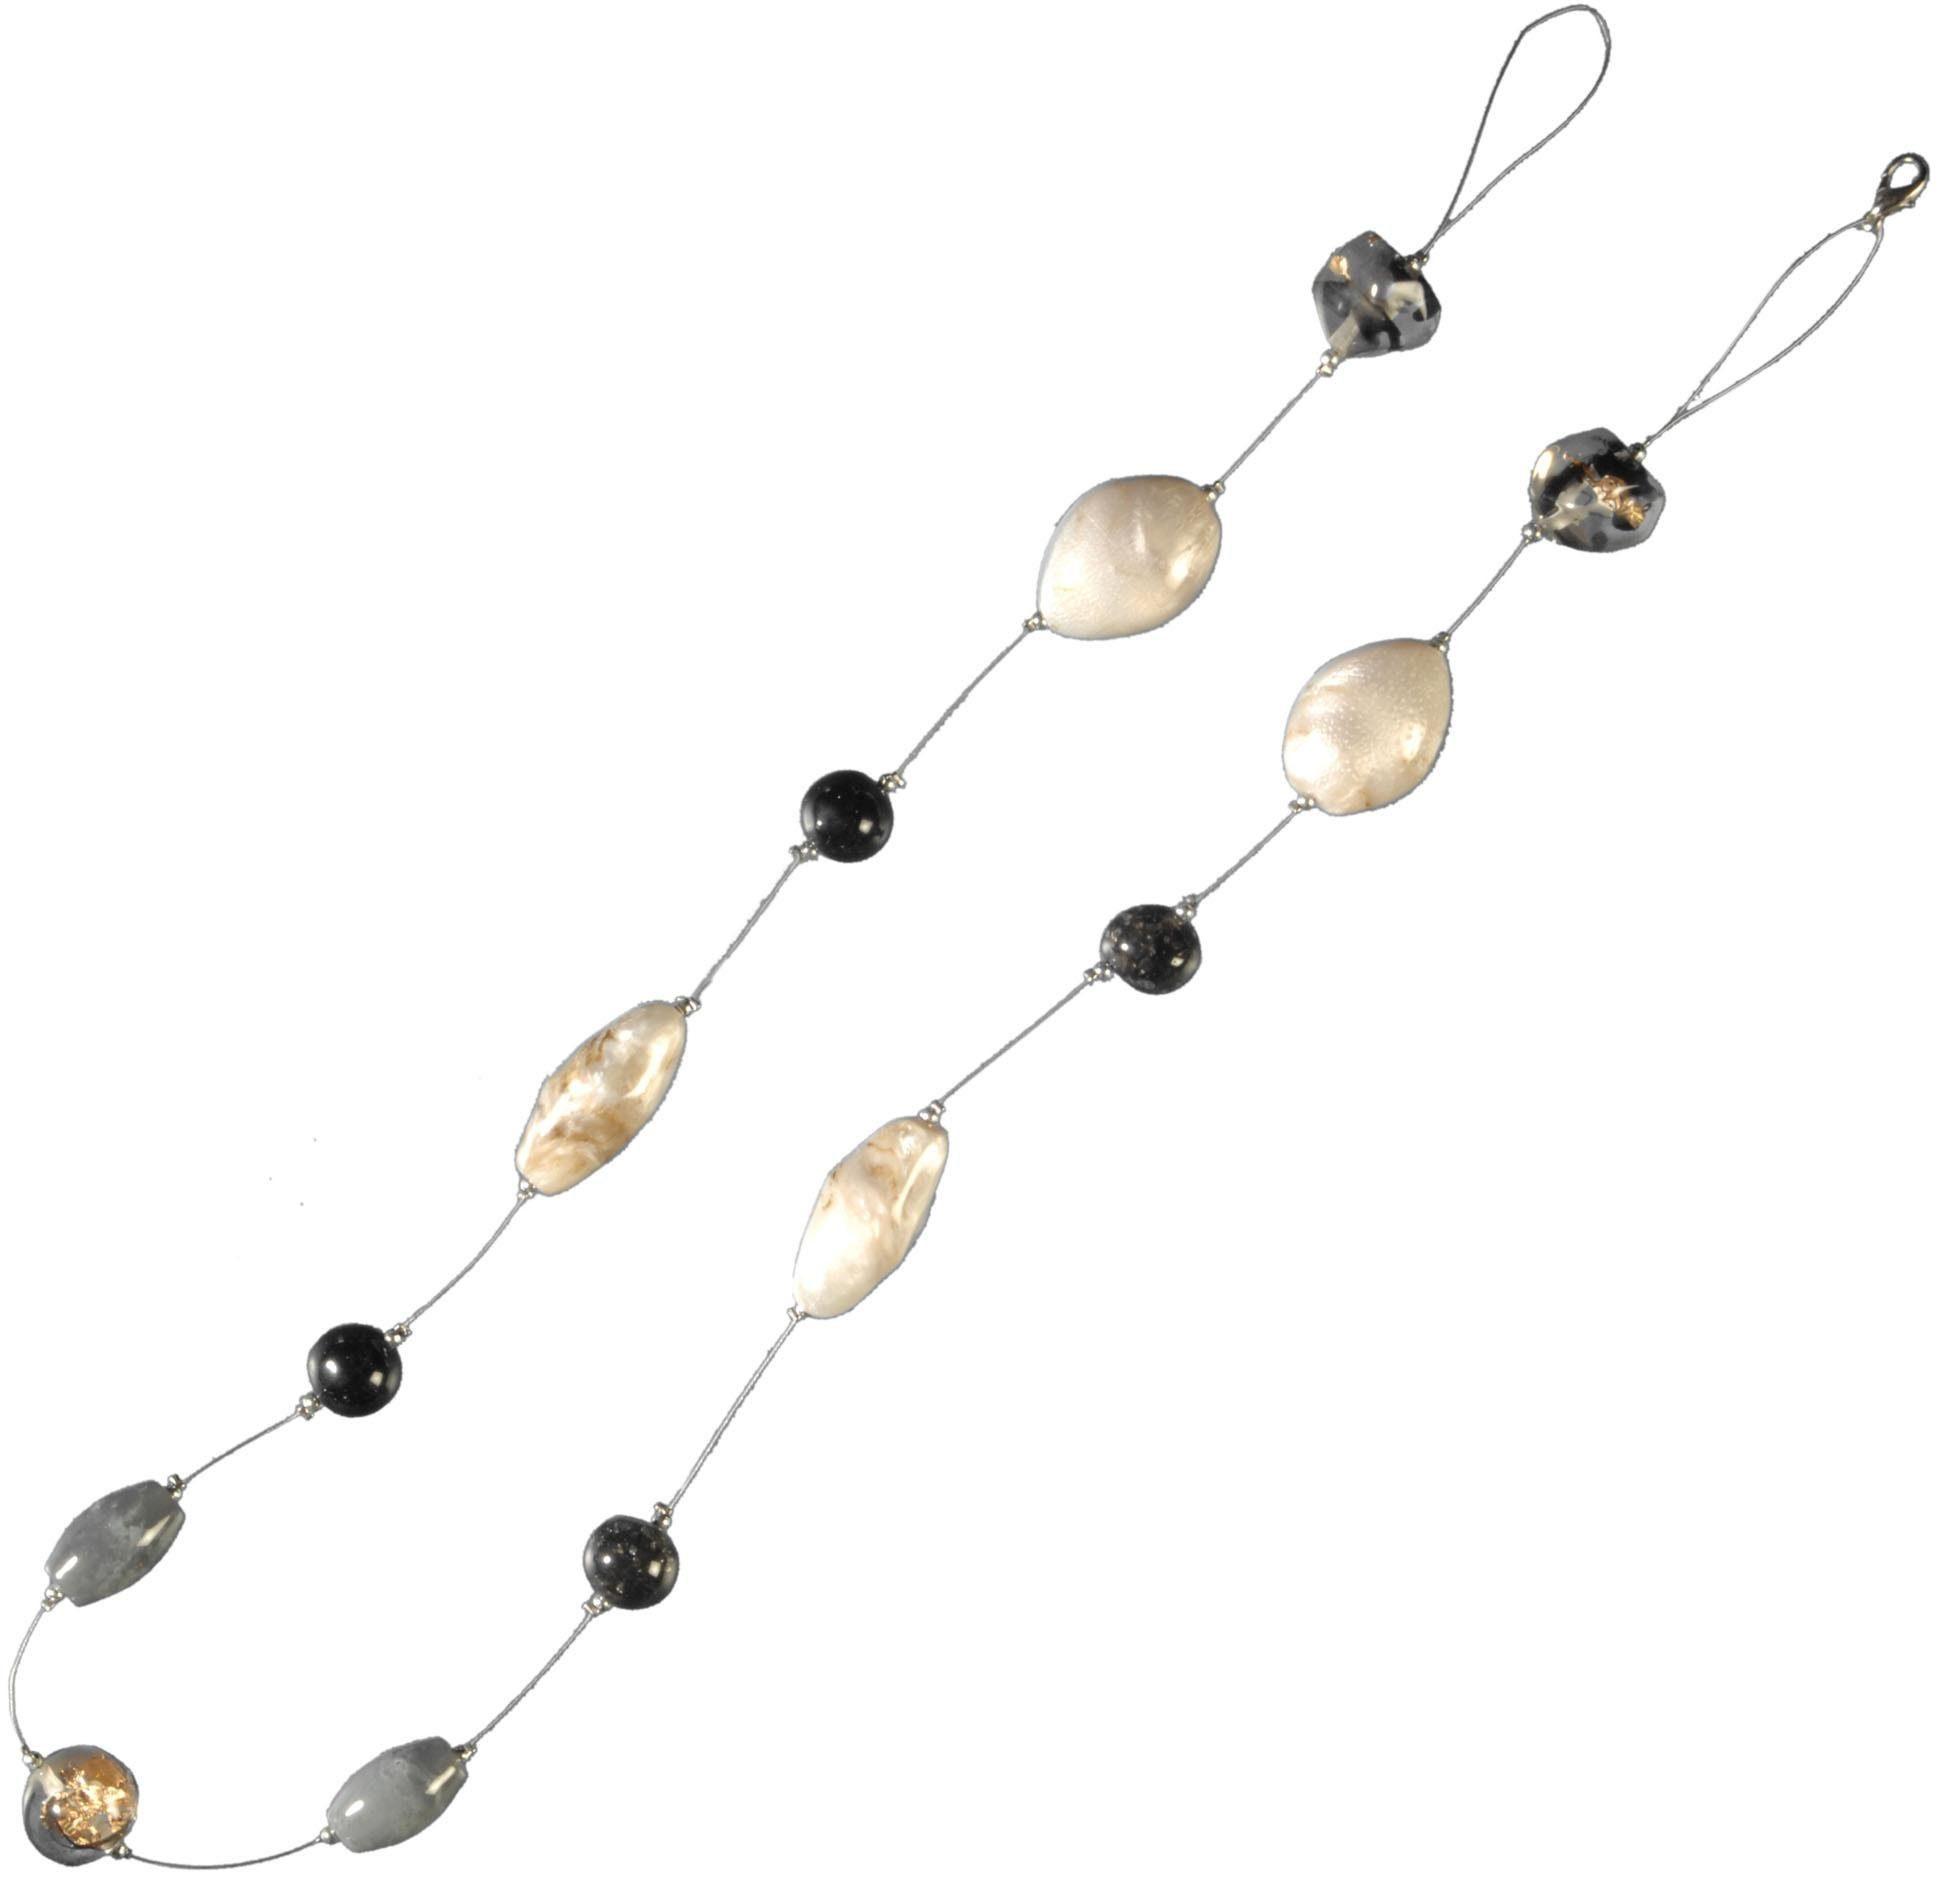 Dekokette, Liedeco, »Granit«, zur Dekoration von Seitenschals, Gardinen (1 Stück)